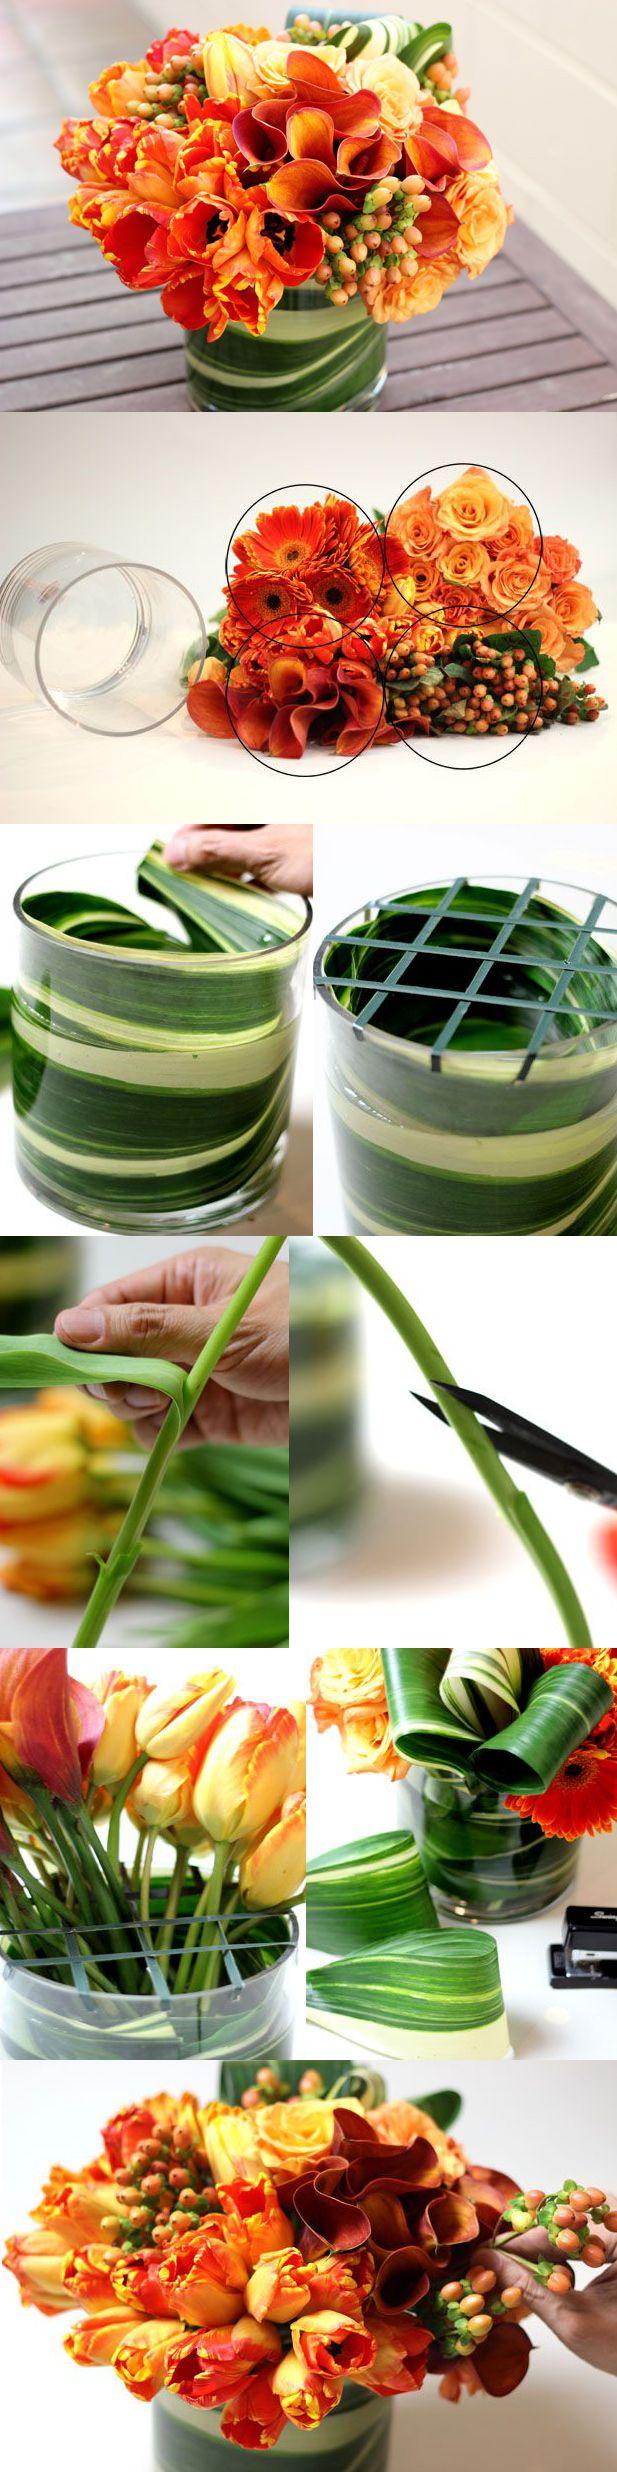 Как собирать маленькие летние букеты лучше любого флориста: секреты